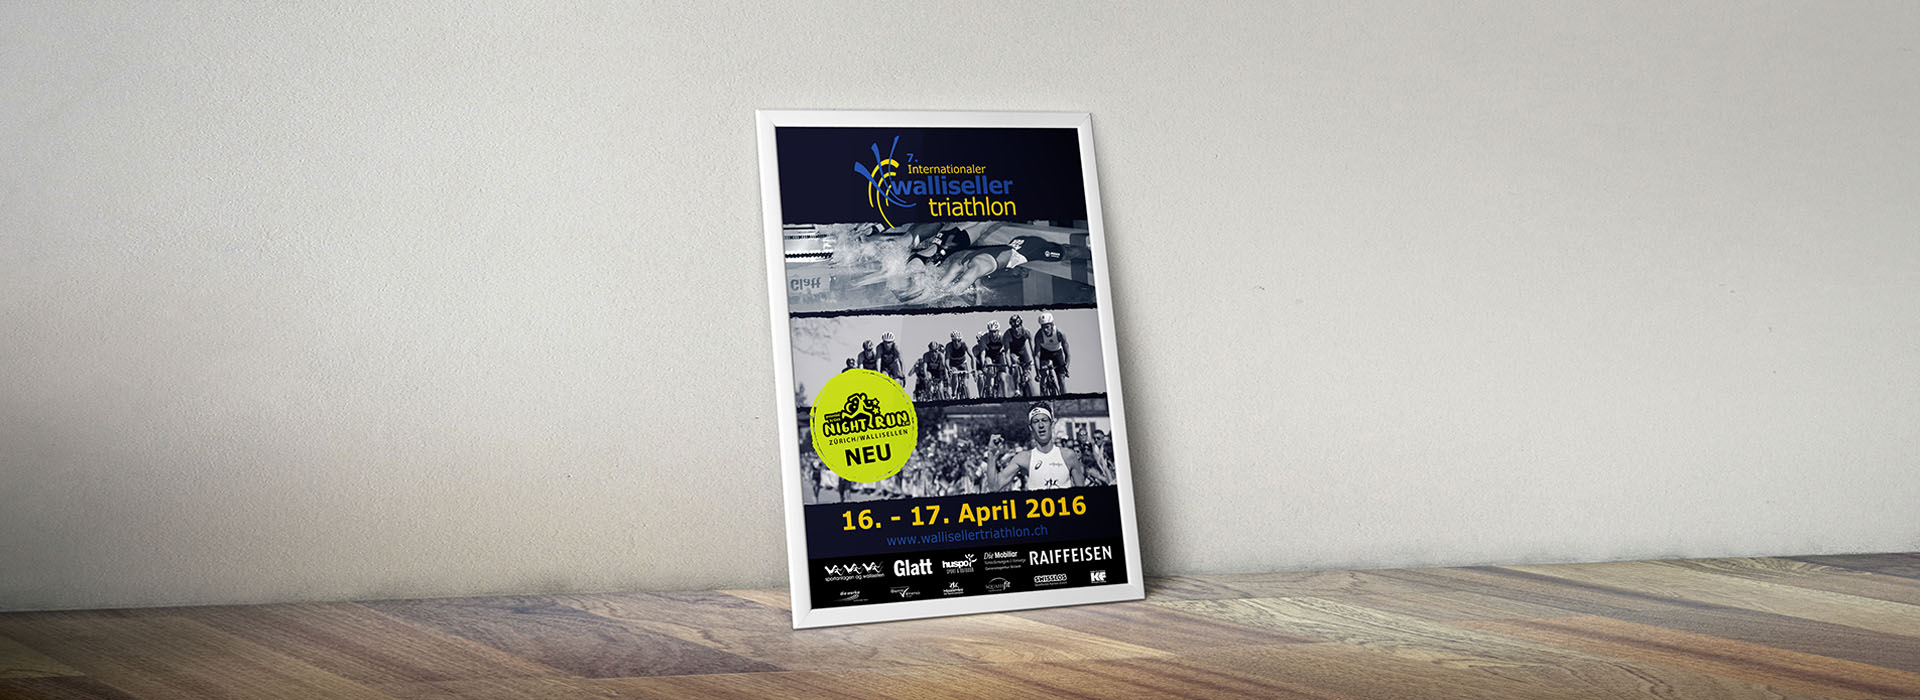 Plakat Walliseller Triathlon